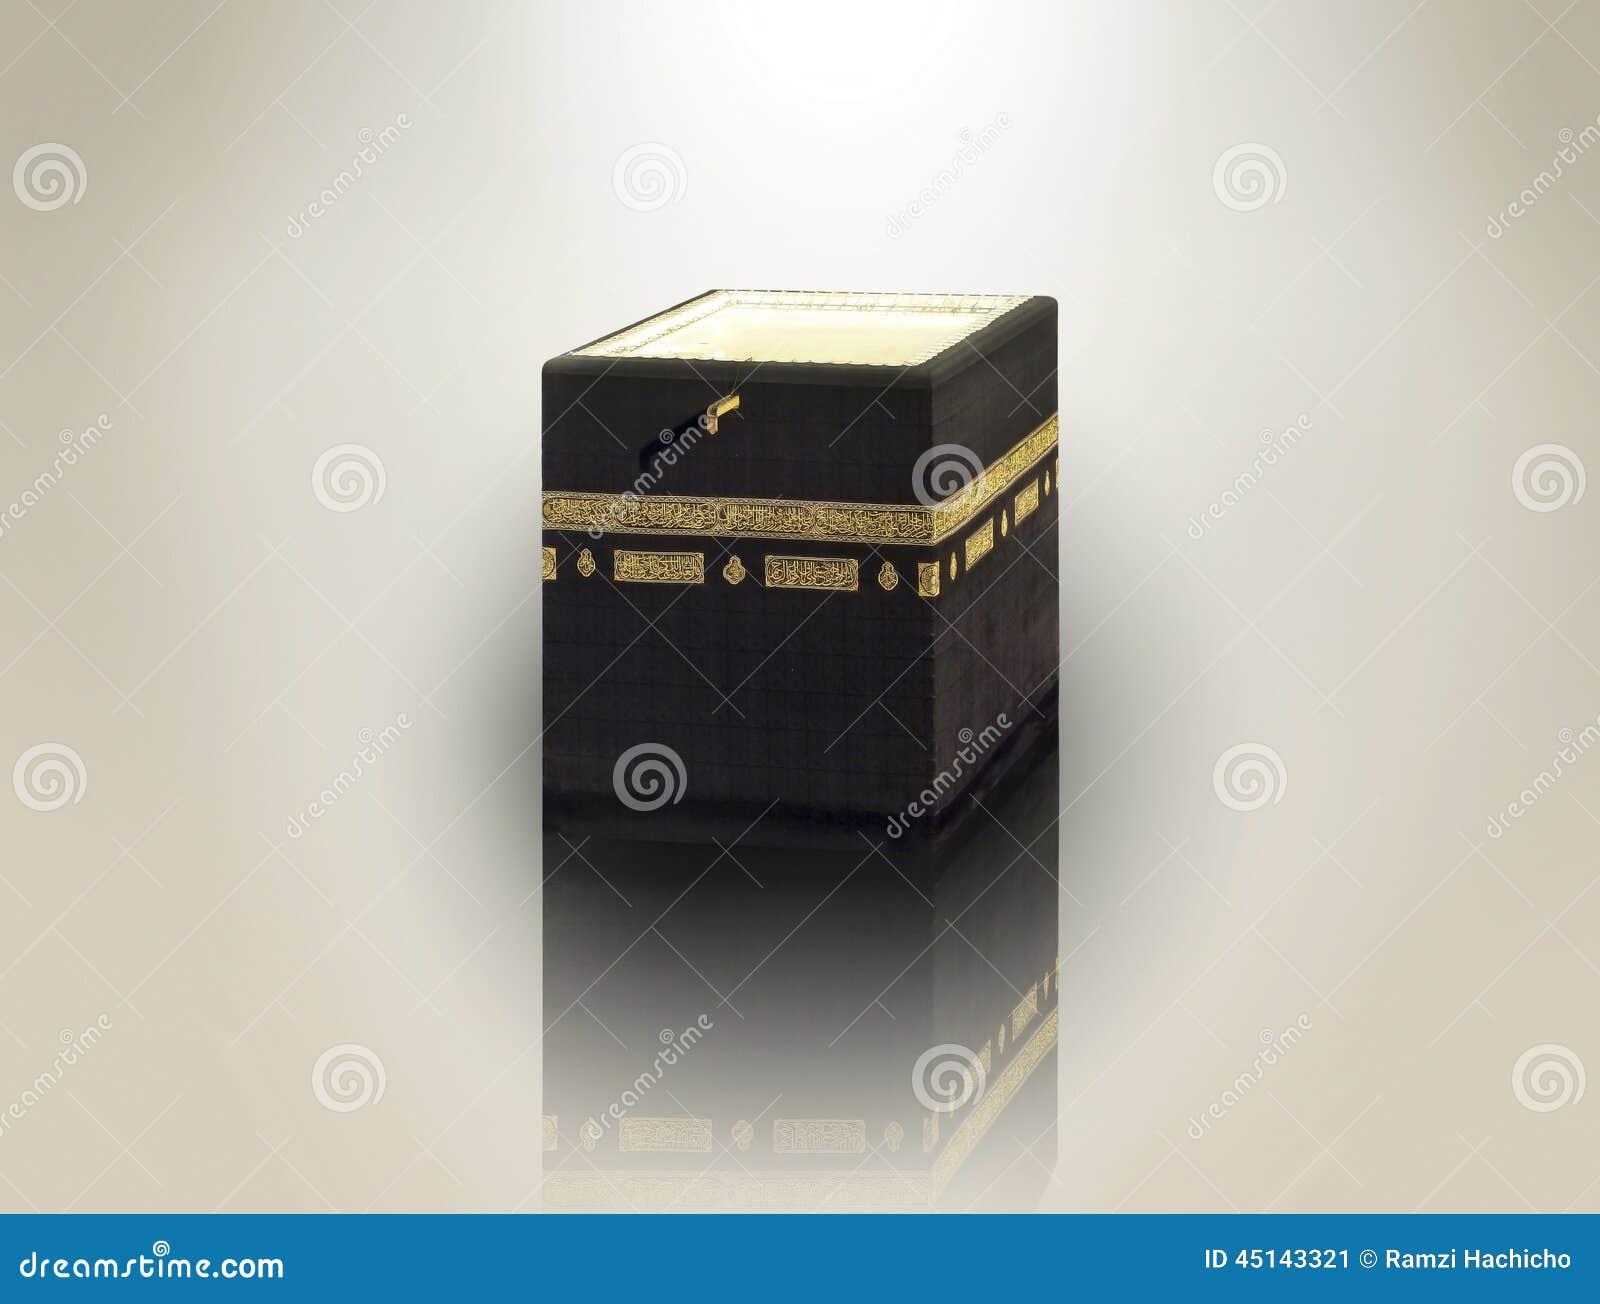 Islam examine the muslim concept